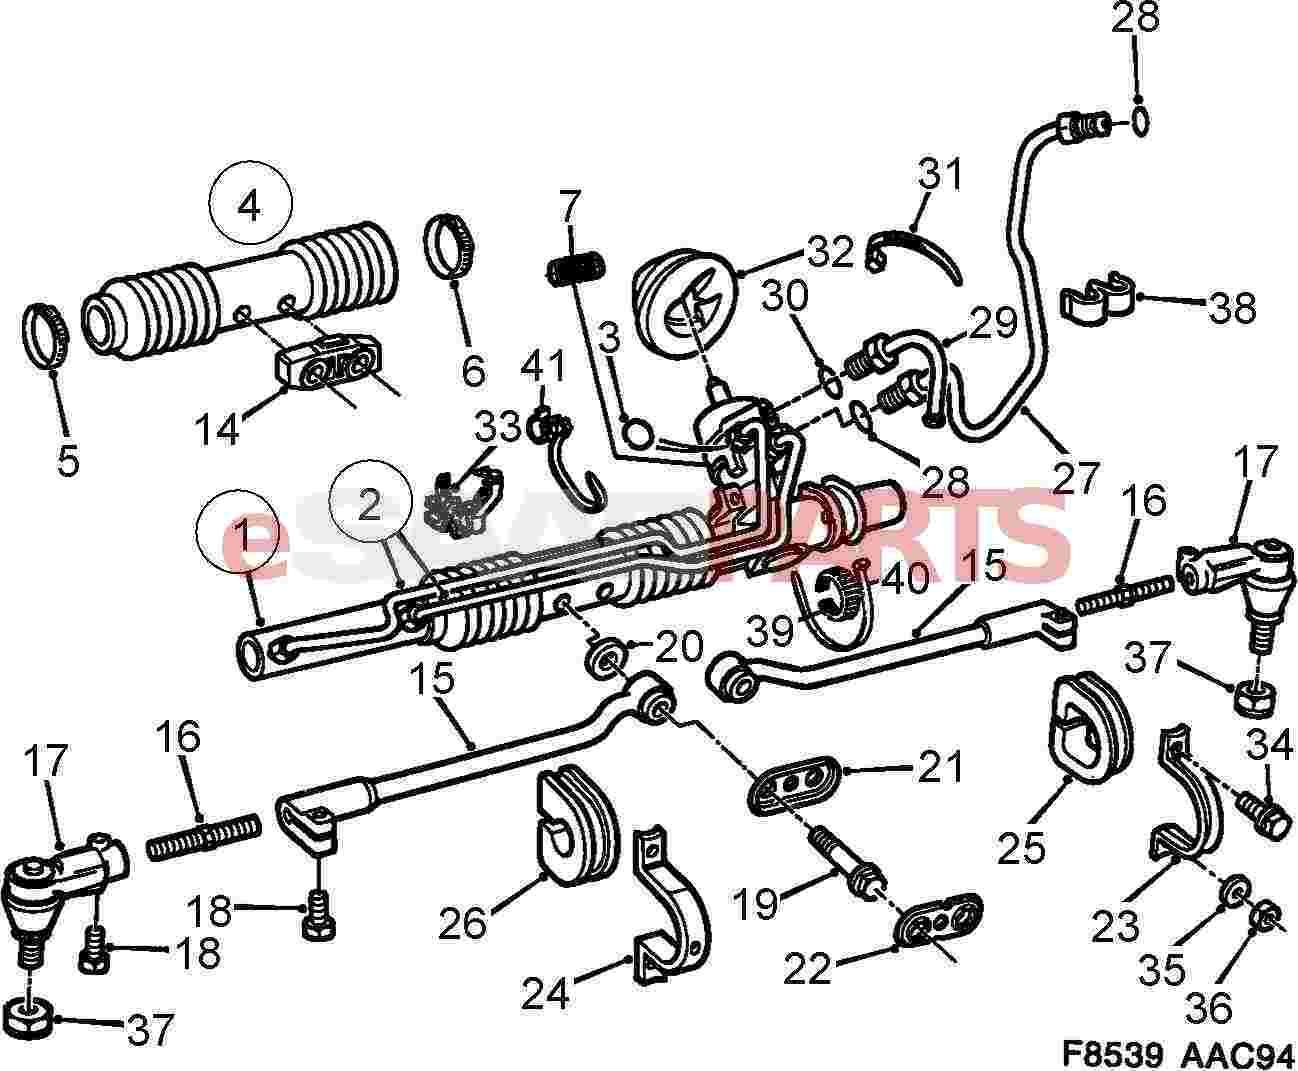 02 chrysler 300 wiring diagram sunroof